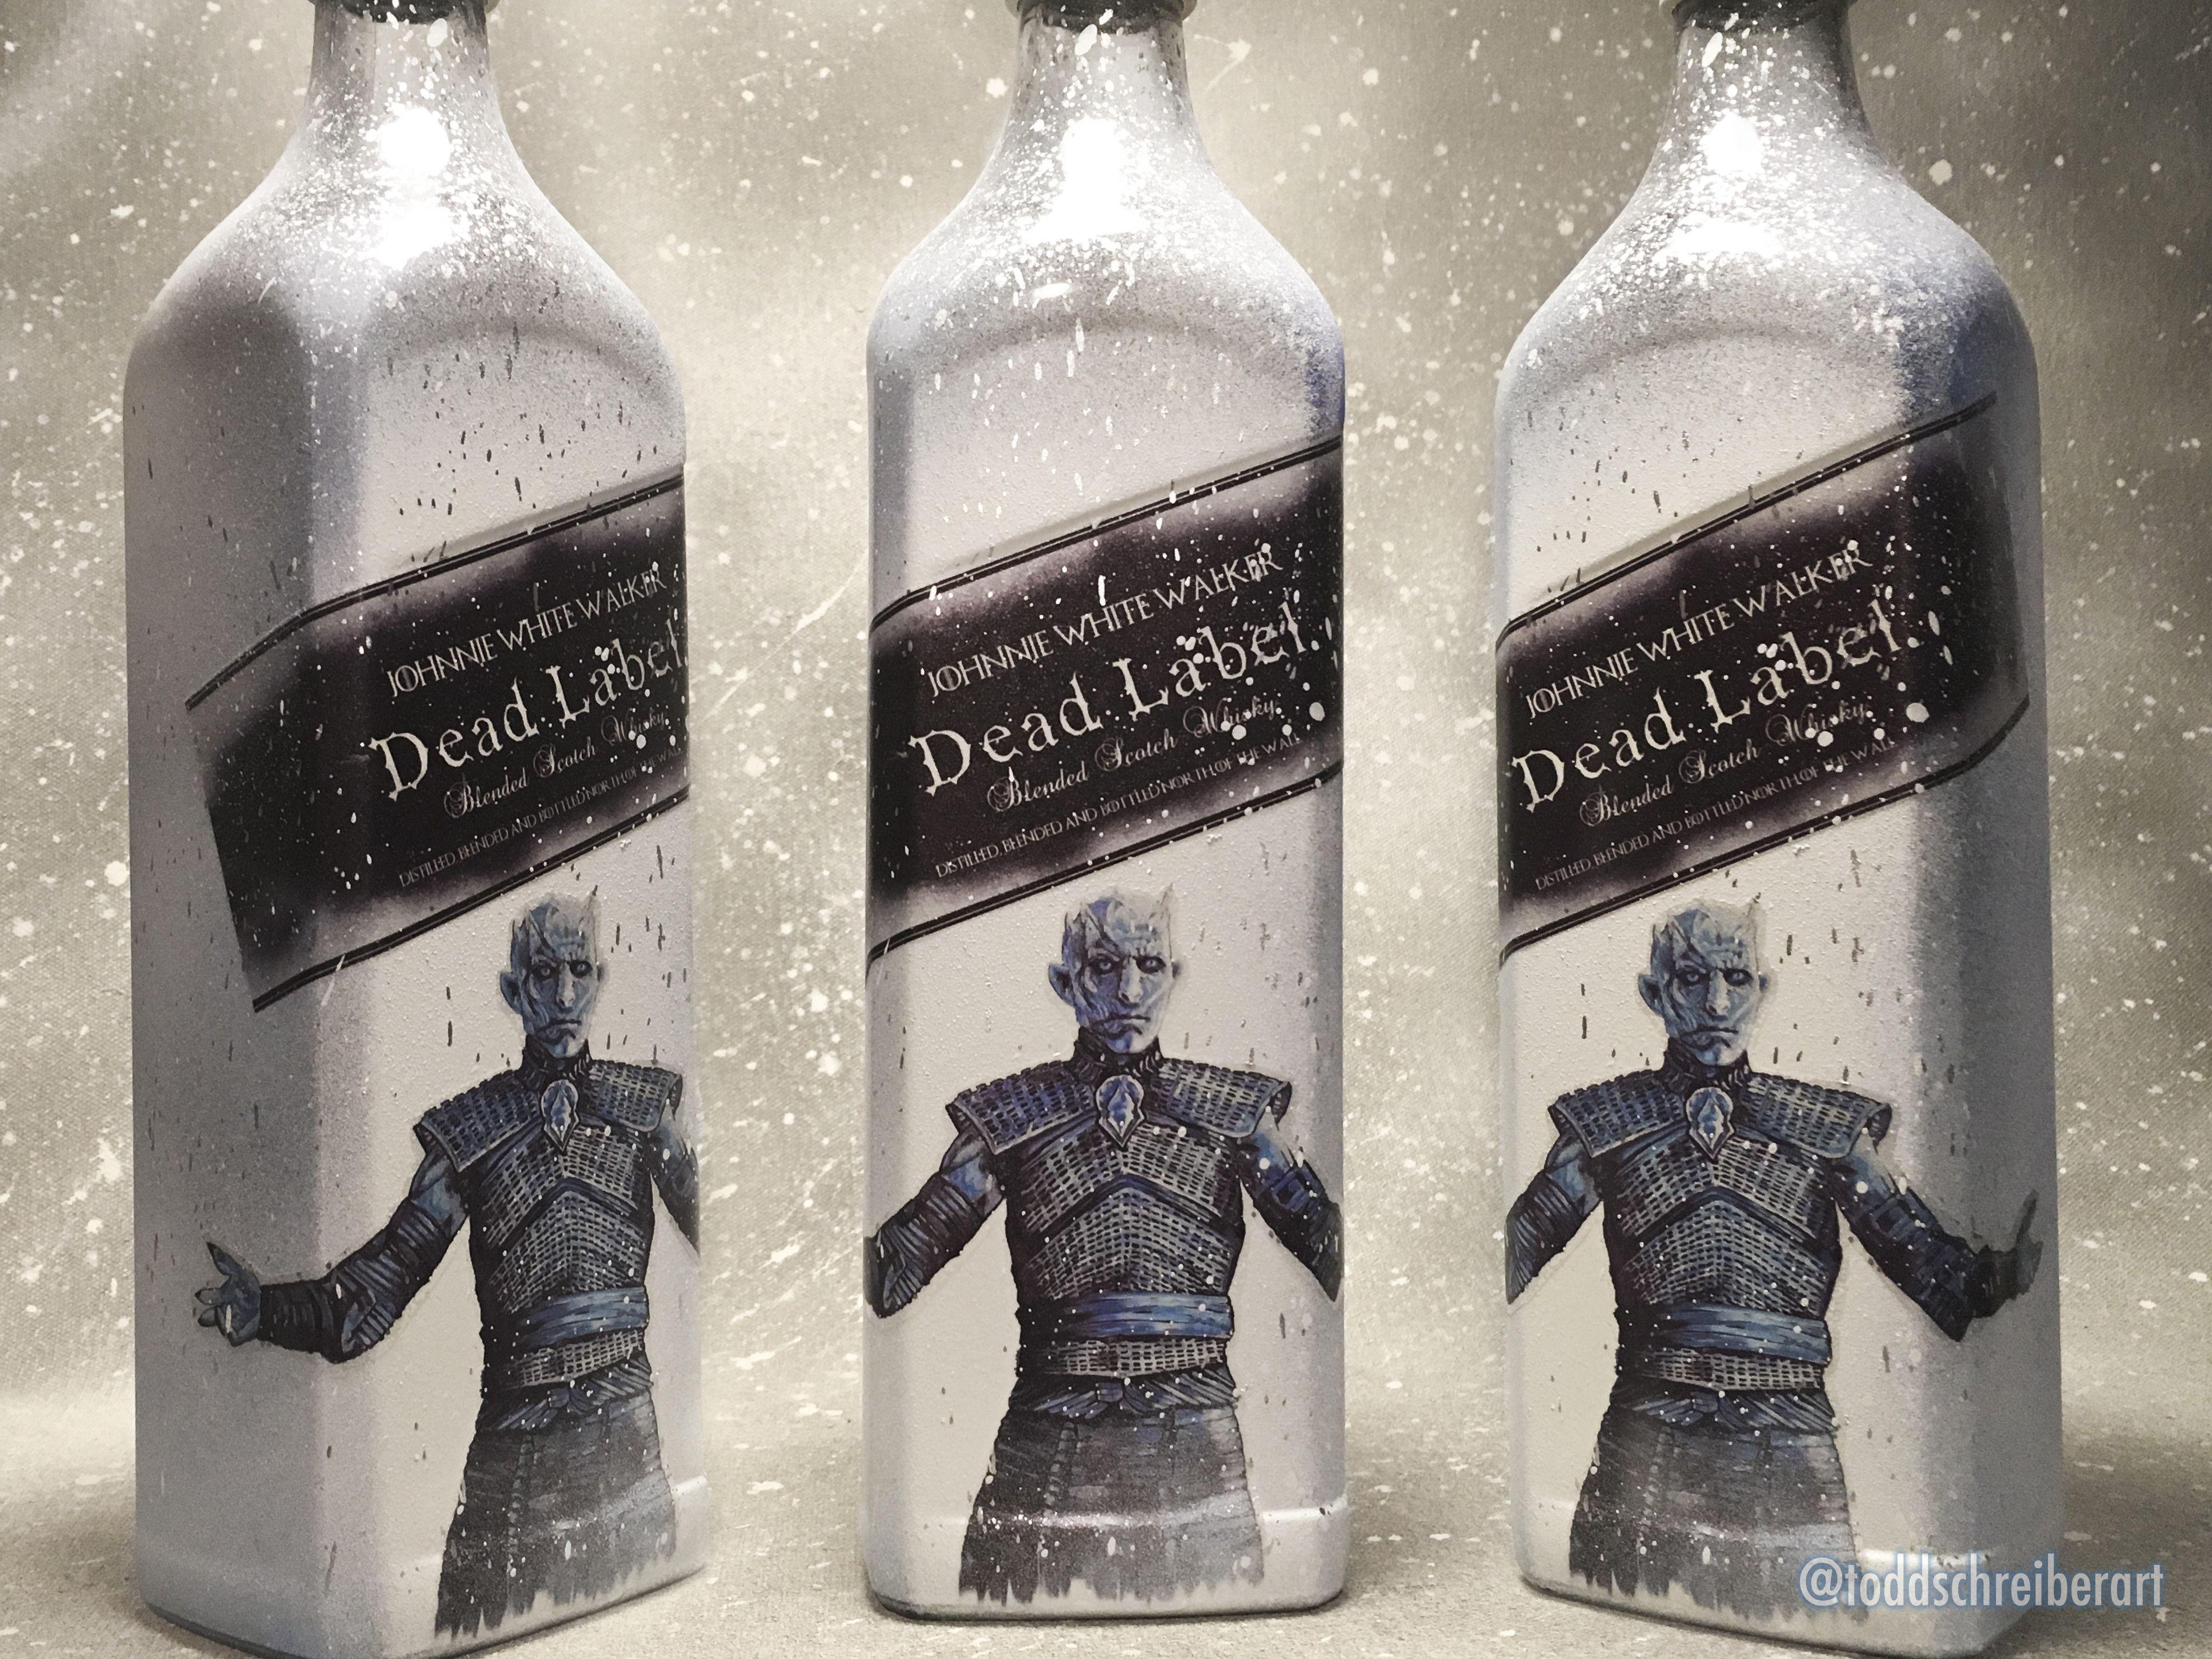 Everything Johnnie White Walker Dead Label Rise Johnnie White Walker Whisky White Walker